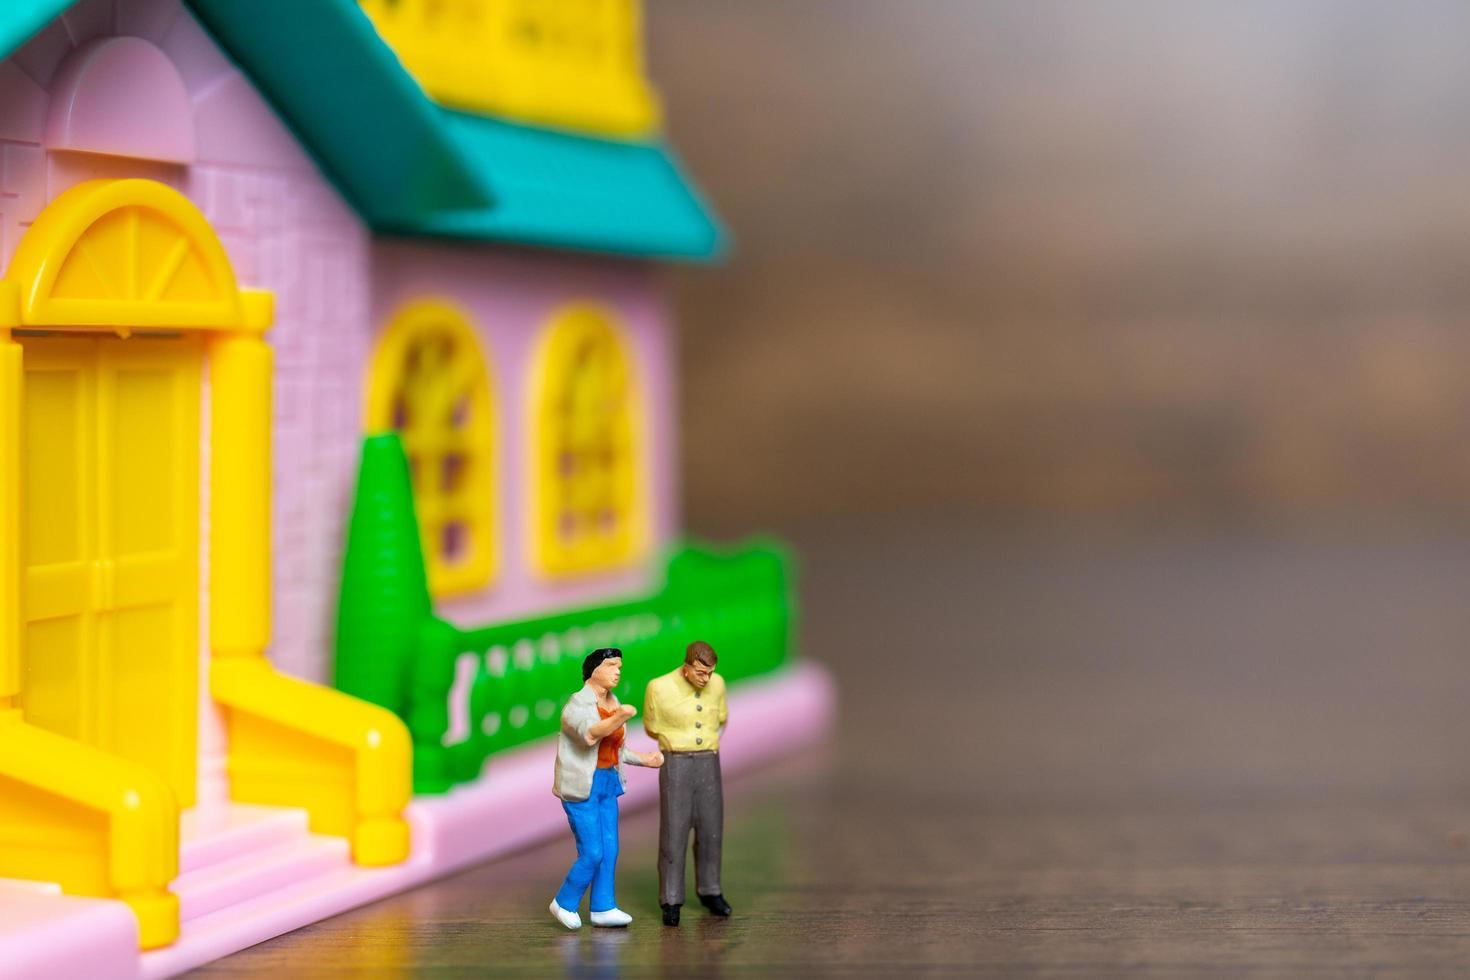 due statuette in miniatura davanti a una casa rosa foto